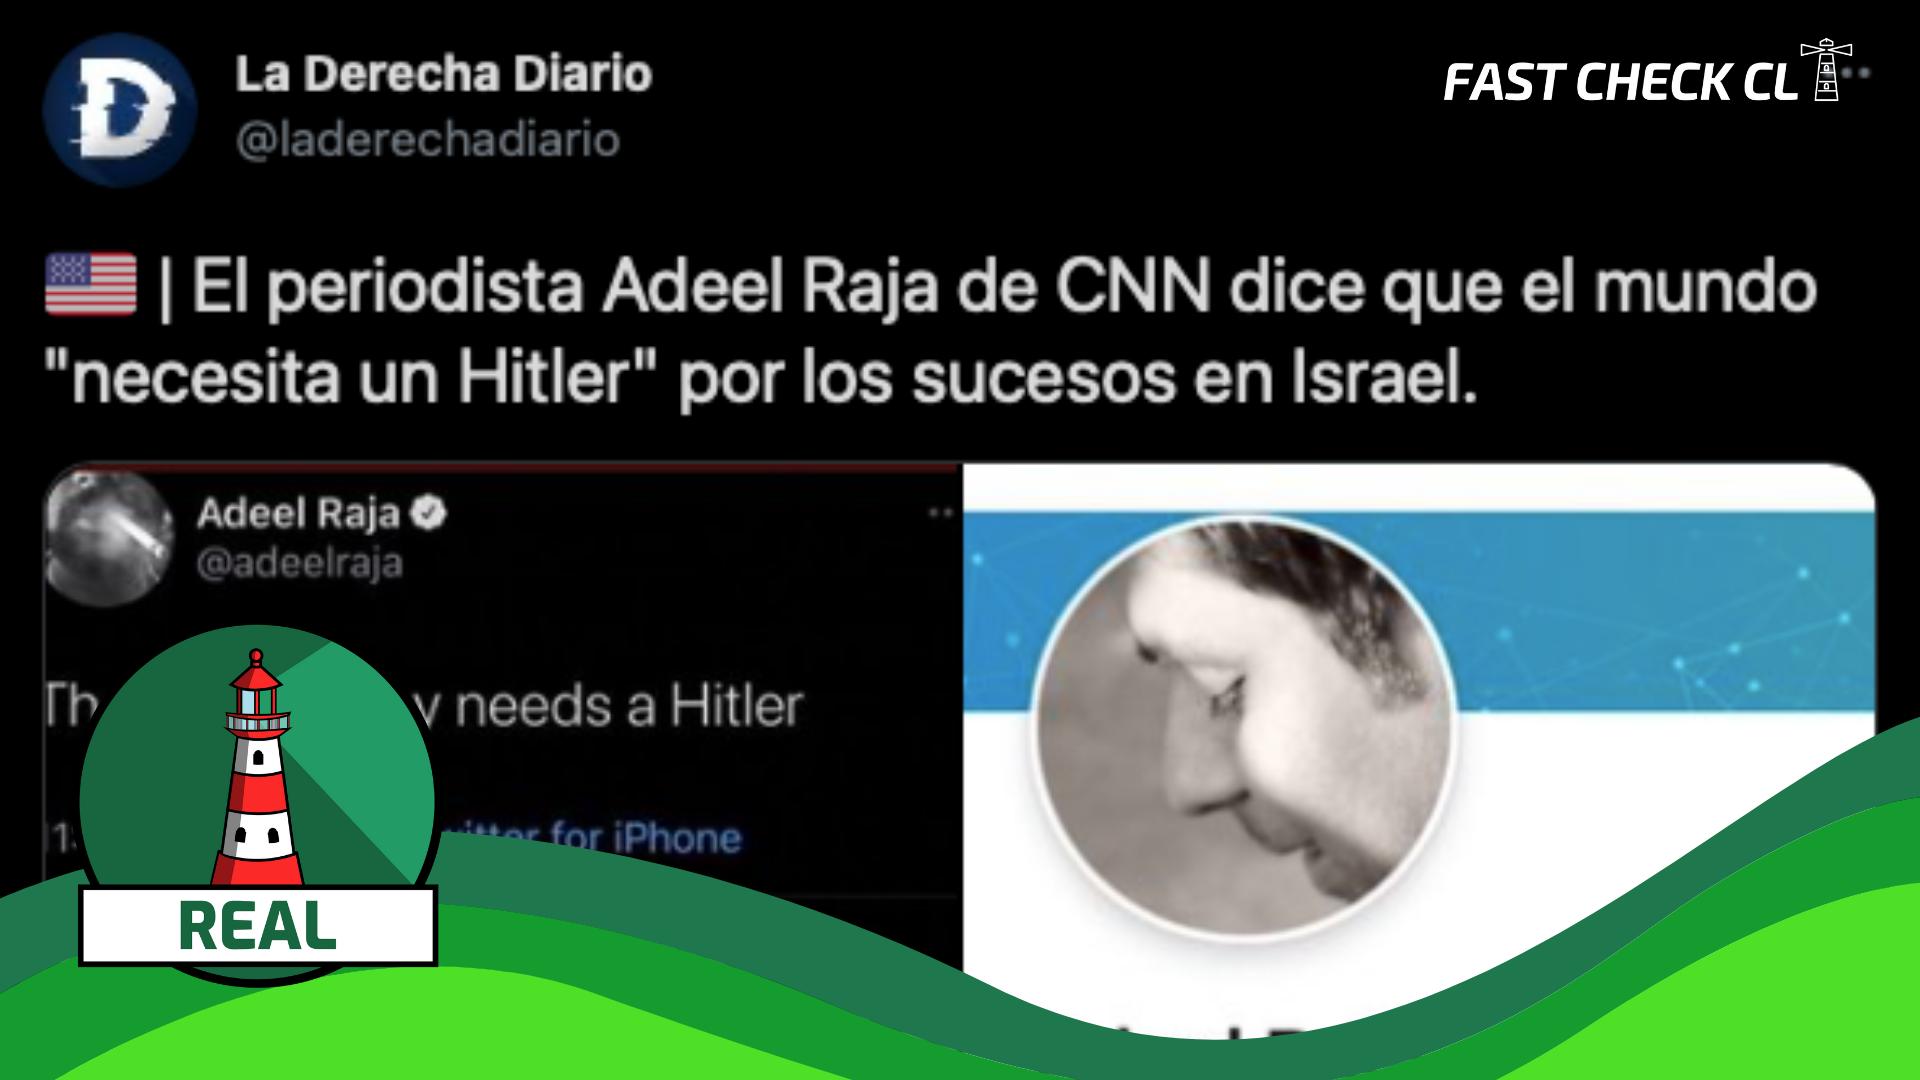 """Read more about the article """"Periodista Adeel Raja de CNN dice que el mundo """"necesita un Hitler"""" por los sucesos en Israel"""": #Real"""